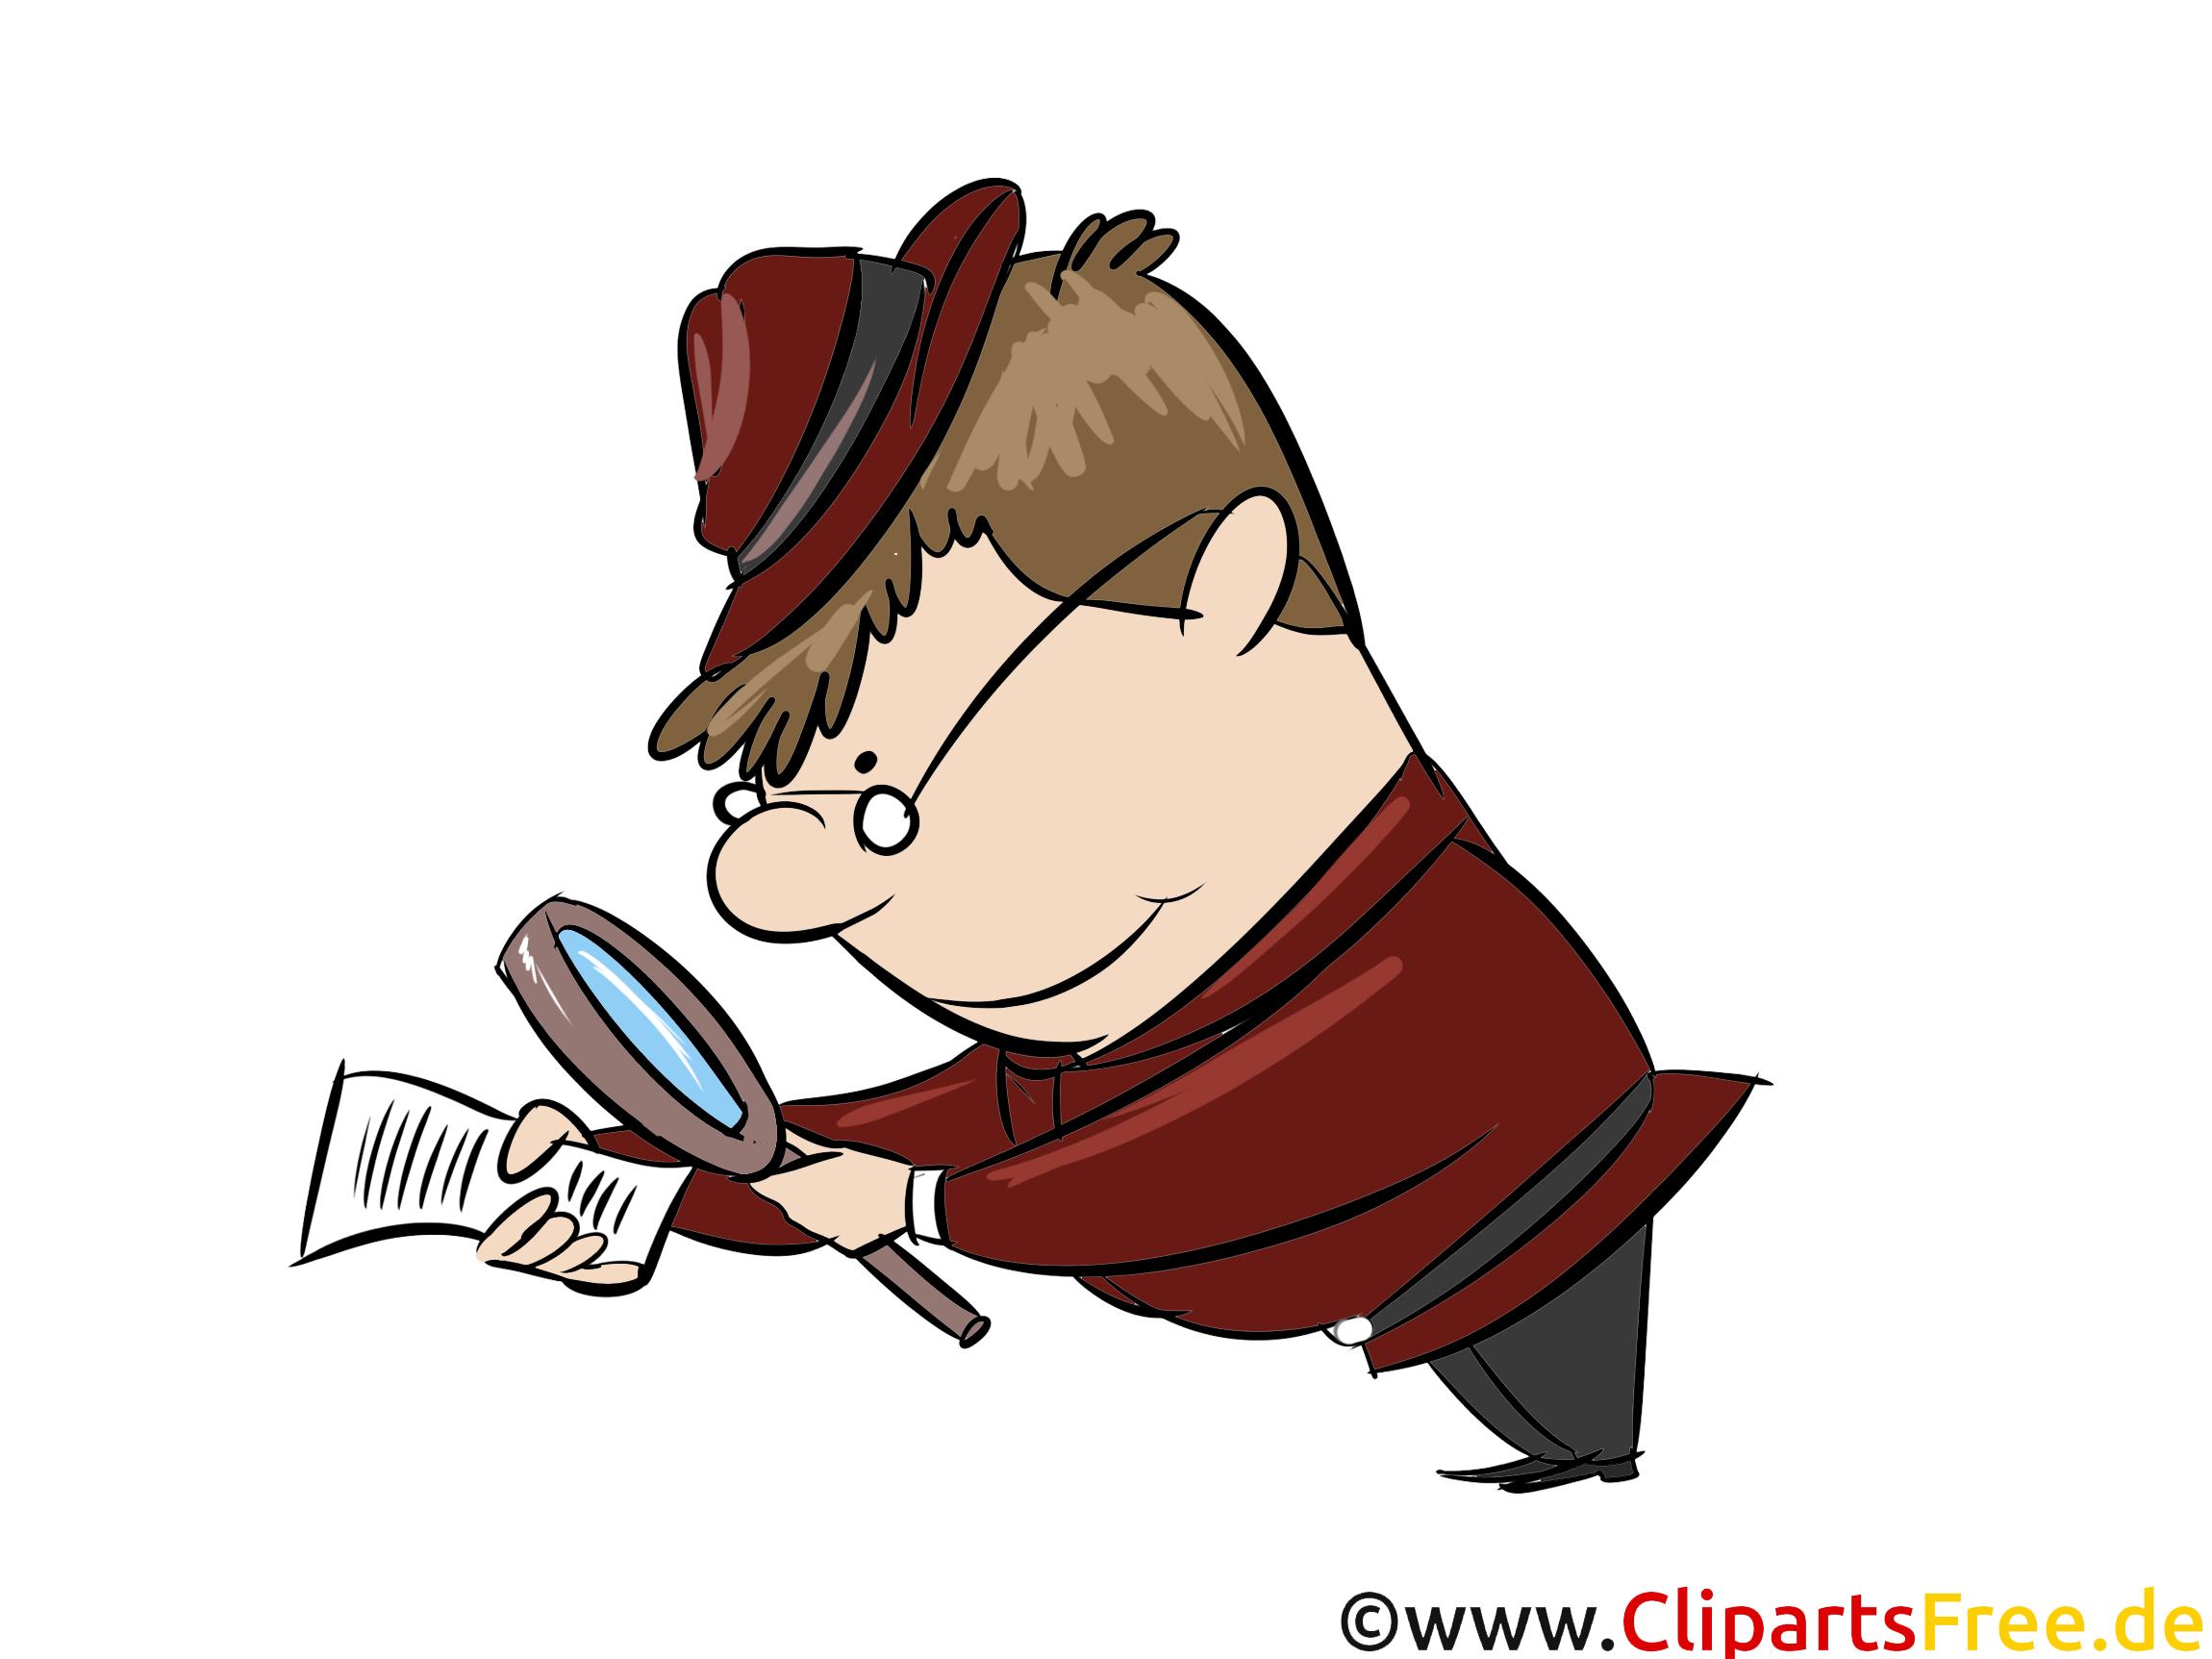 Illustration Untersuchen, Detektiv, Polizei